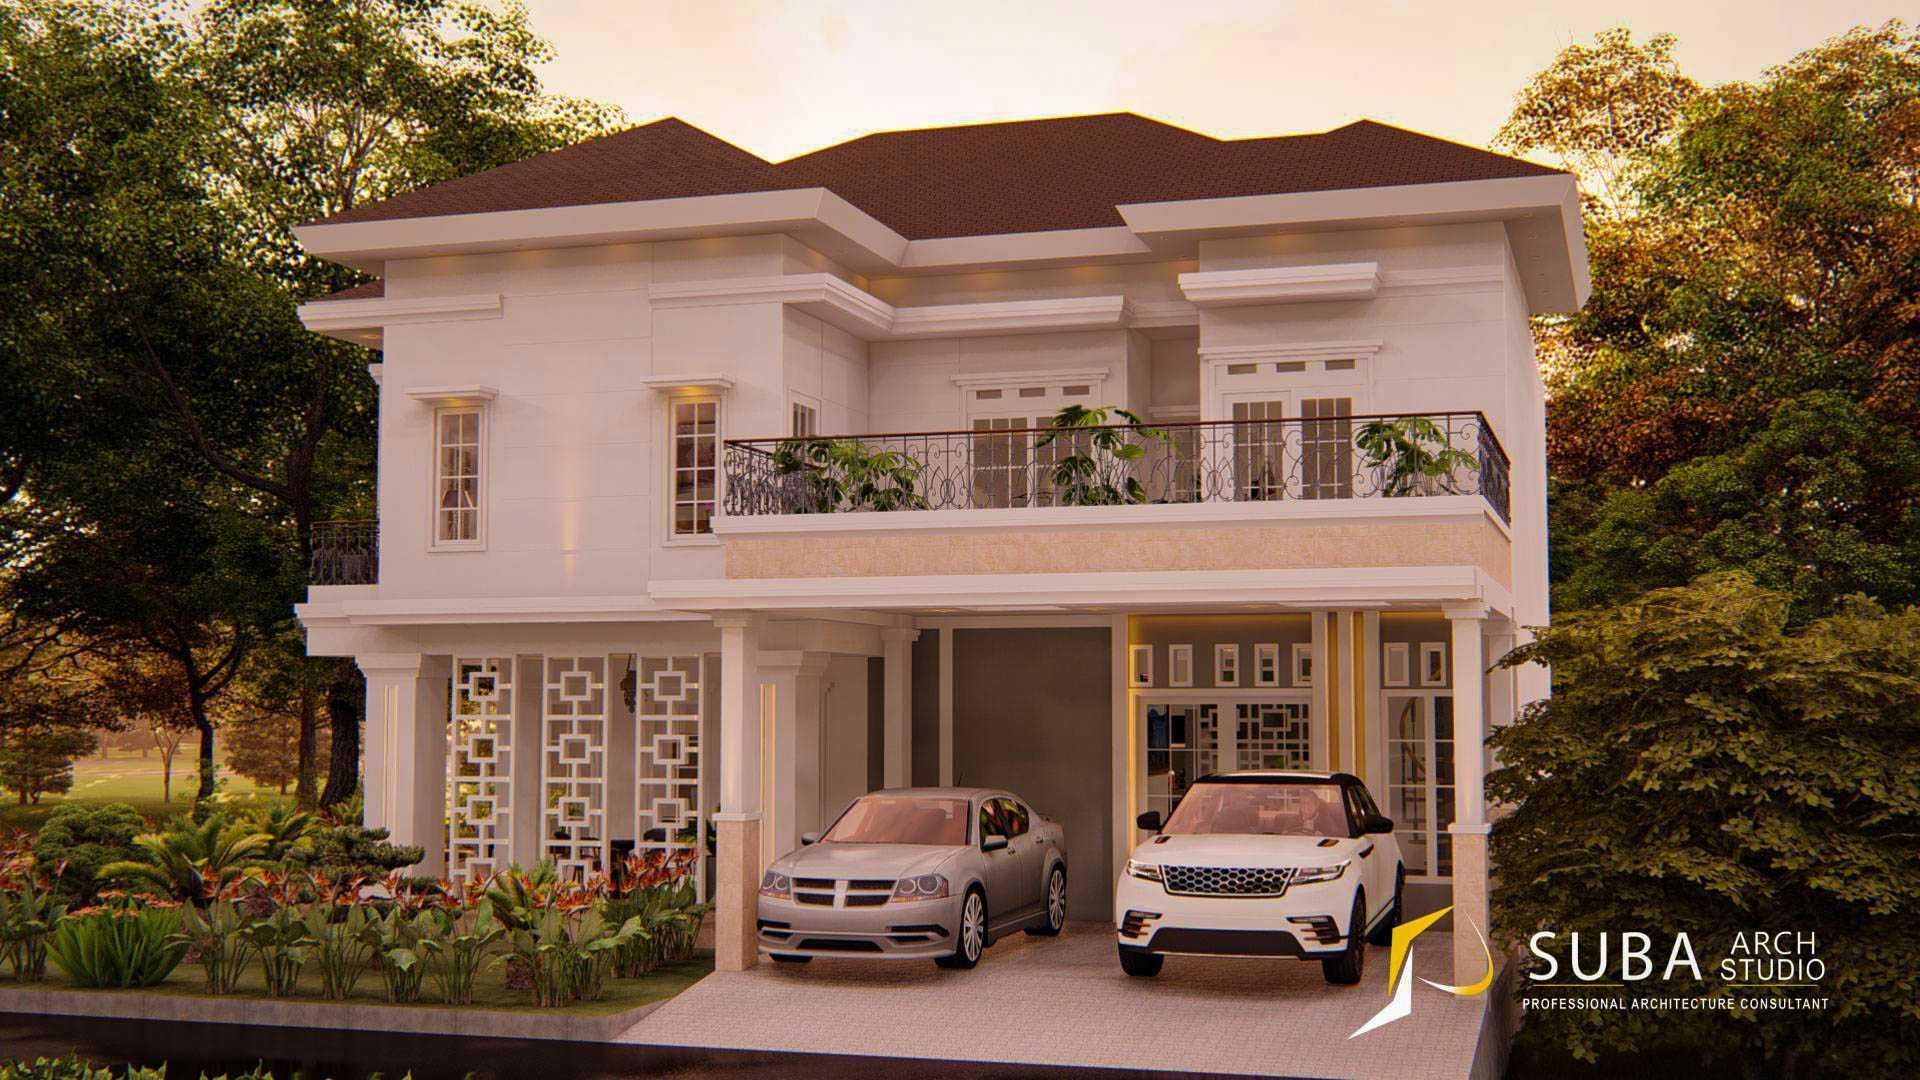 Suba-Arch Desain Rencana Renovasi Rumah Tinggal 2Lt 15 X 13 @bu Iis Bogor, Jawa Barat, Indonesia Bogor, Jawa Barat, Indonesia Suba-Arch-Desain-Rencana-Renovasi-Rumah-Tinggal-2Lt-15-X-13-Bu-Iis  86840